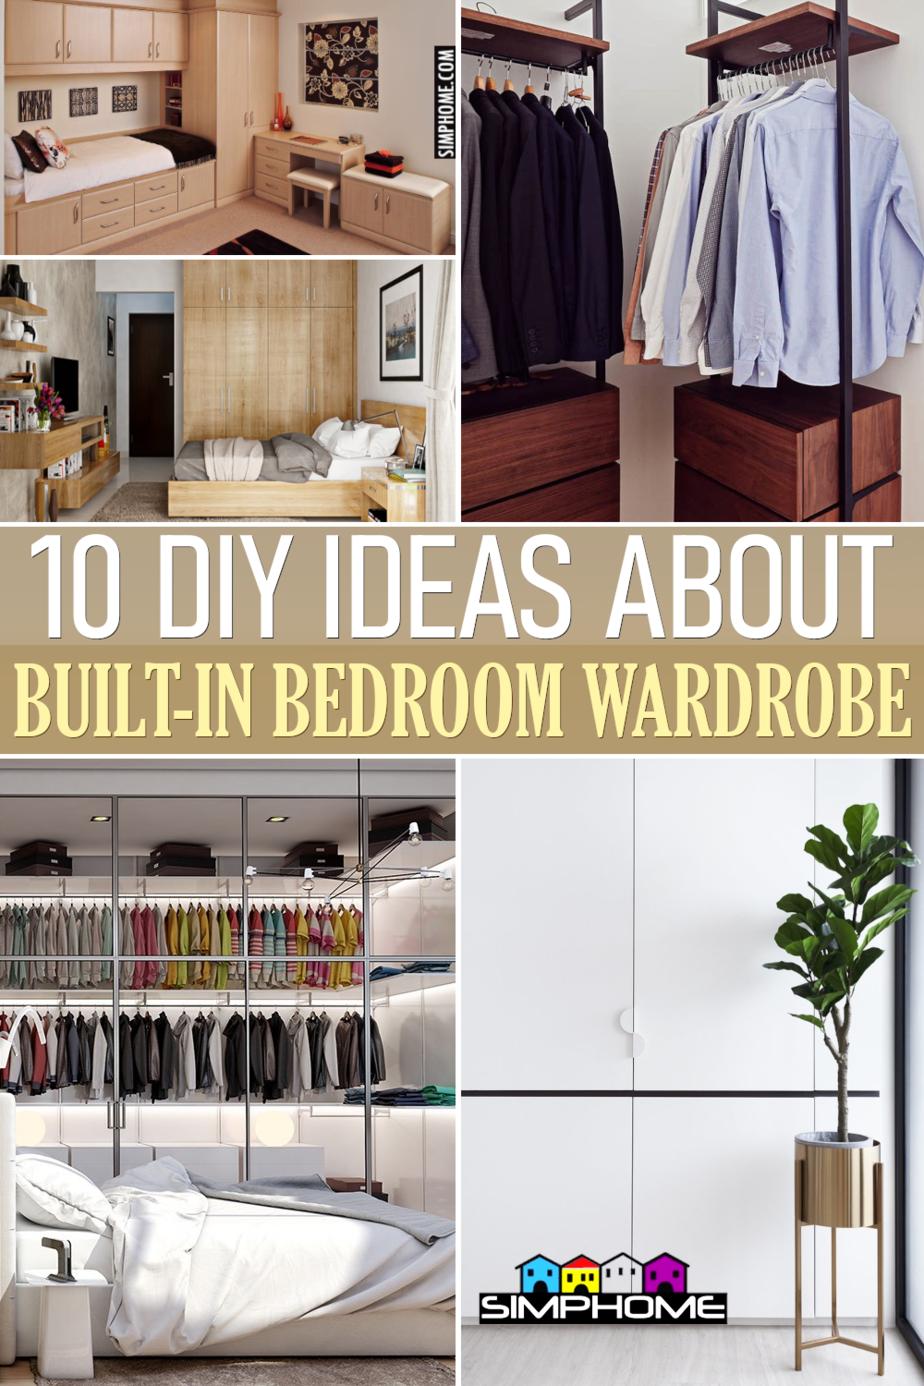 10 Built in Bedroom Wardrobe Ideas via Simphome.comFEATURED